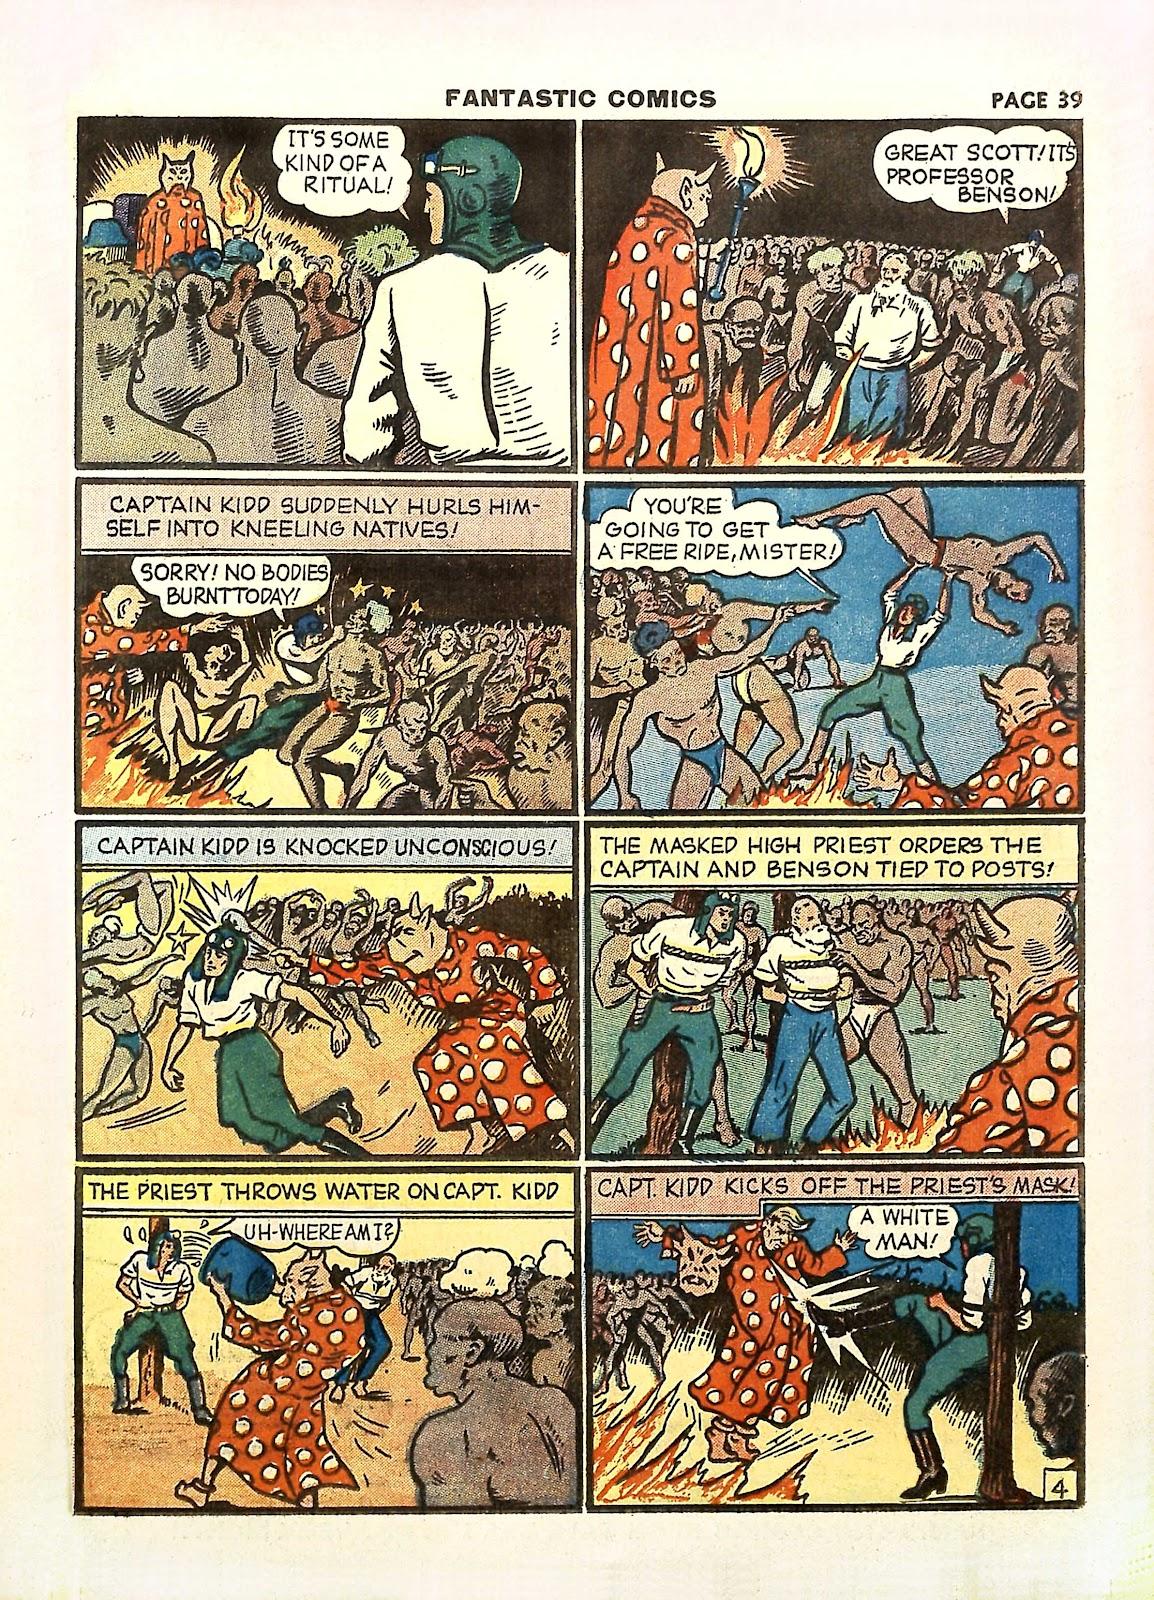 Read online Fantastic Comics comic -  Issue #11 - 42